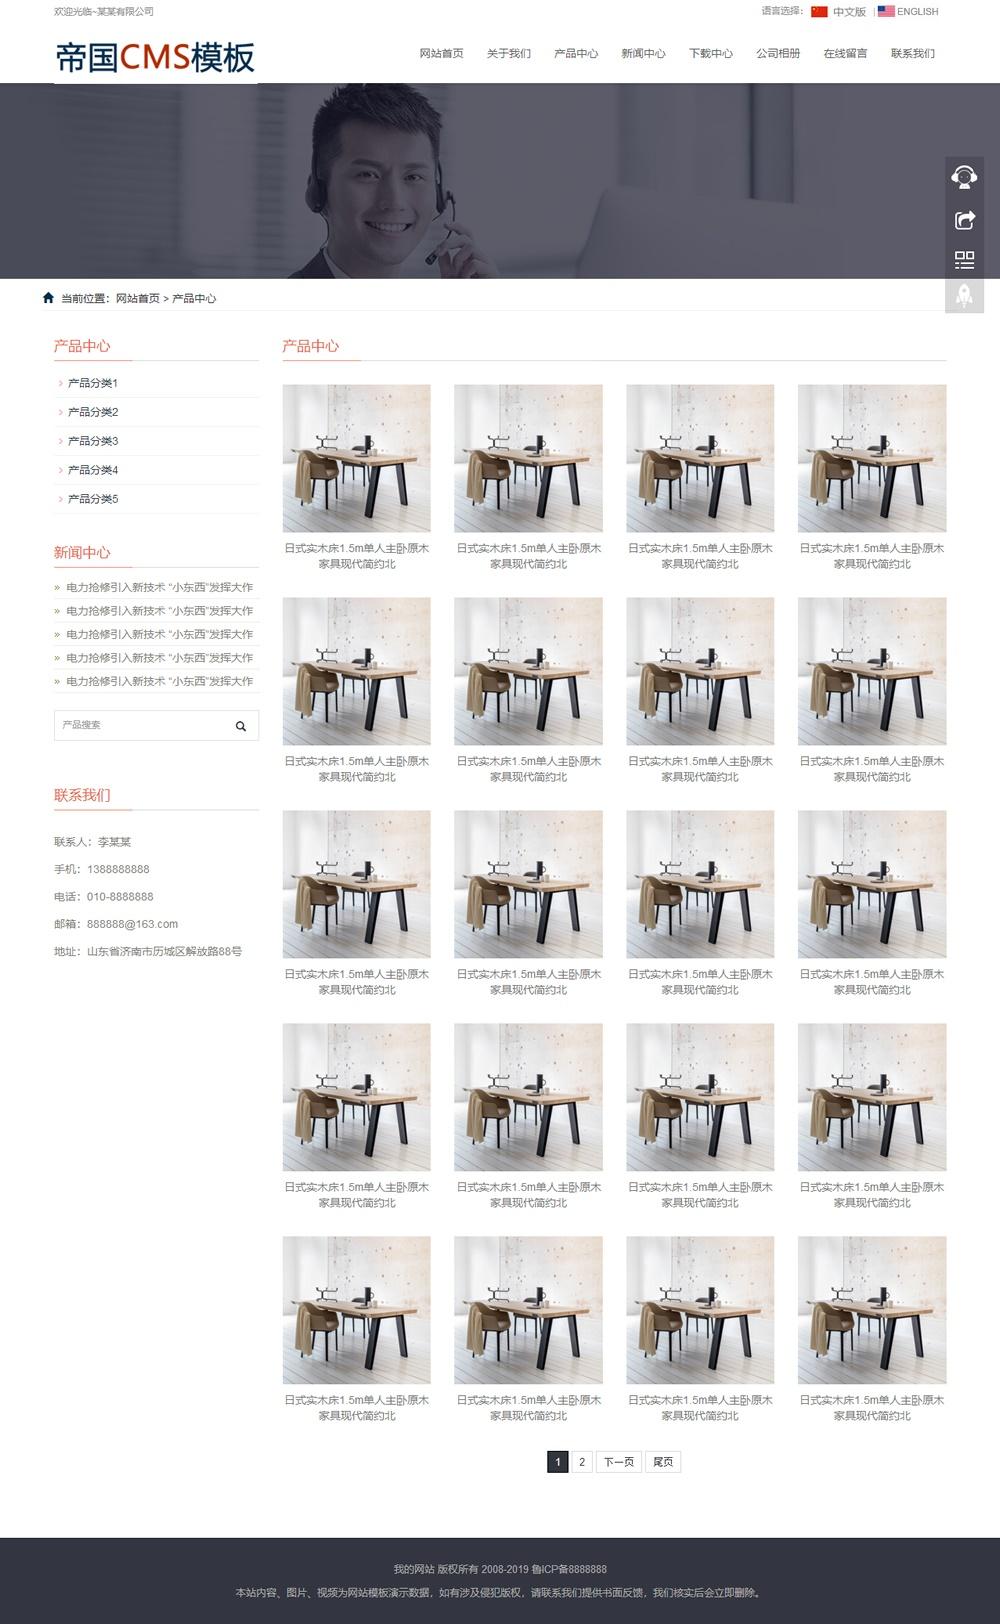 中英文双语自适应帝国cms企业网站模板外贸企业网站源码_产品列表页